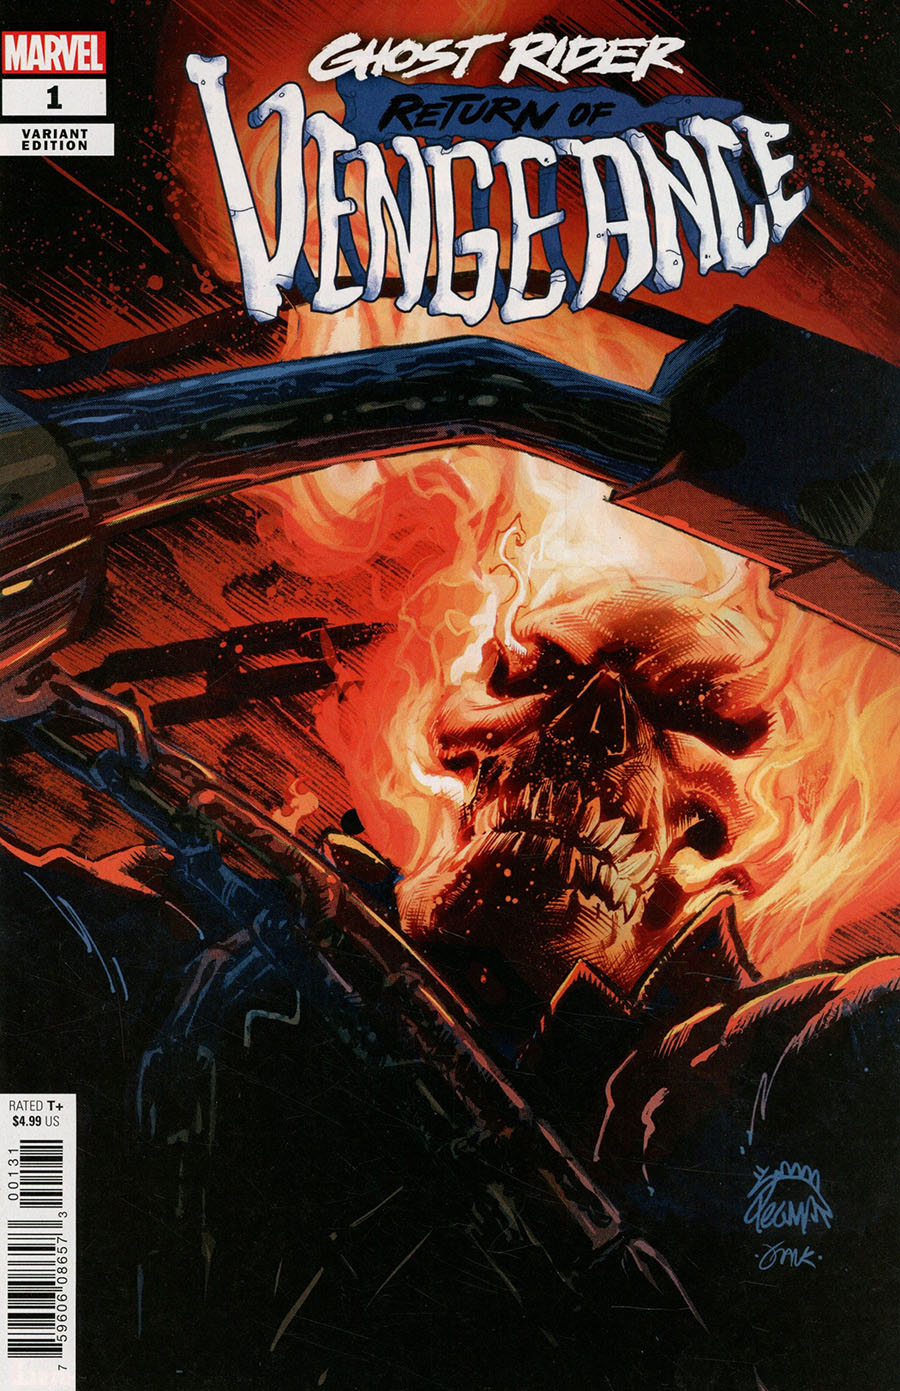 Ghost Rider Return Of Vengeance One Shot Cover D Variant Ryan Stegman Cover